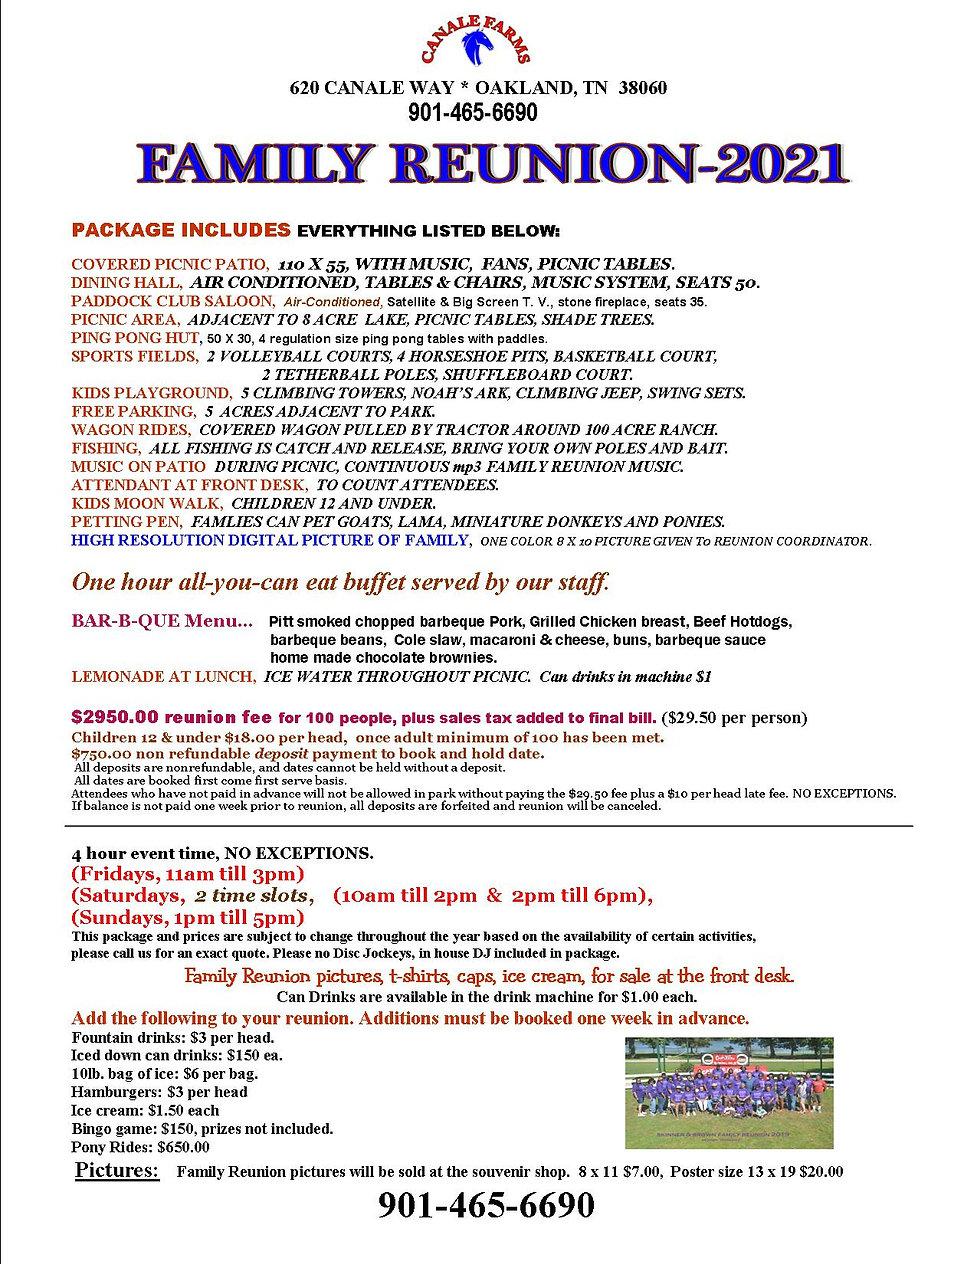 FAMILY RUNION PACKGAE 2021.jpg